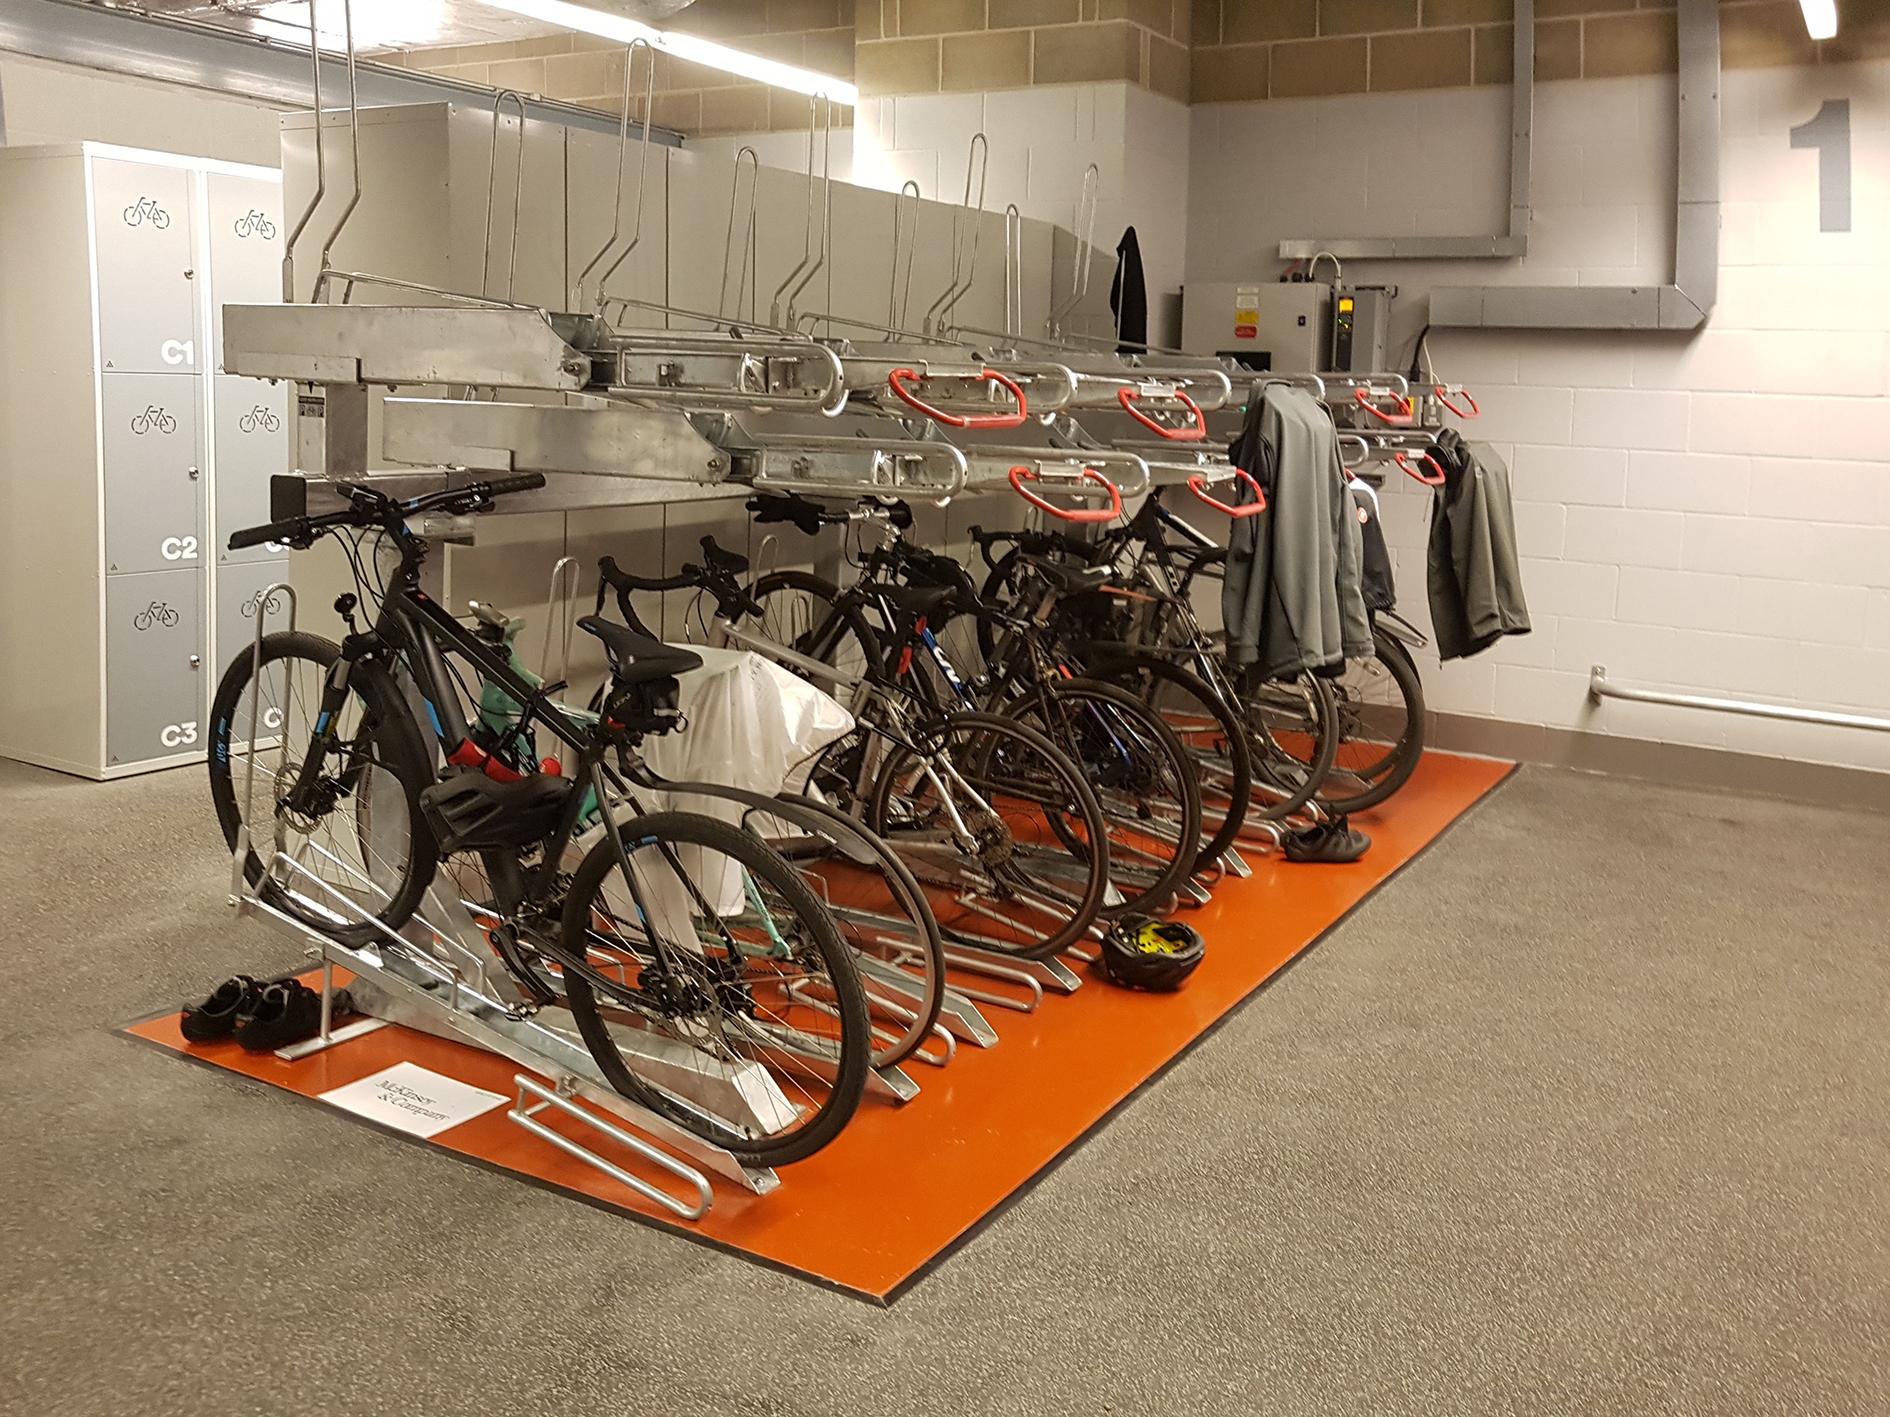 The Post Building - Josta 2-Tier Bike Racks